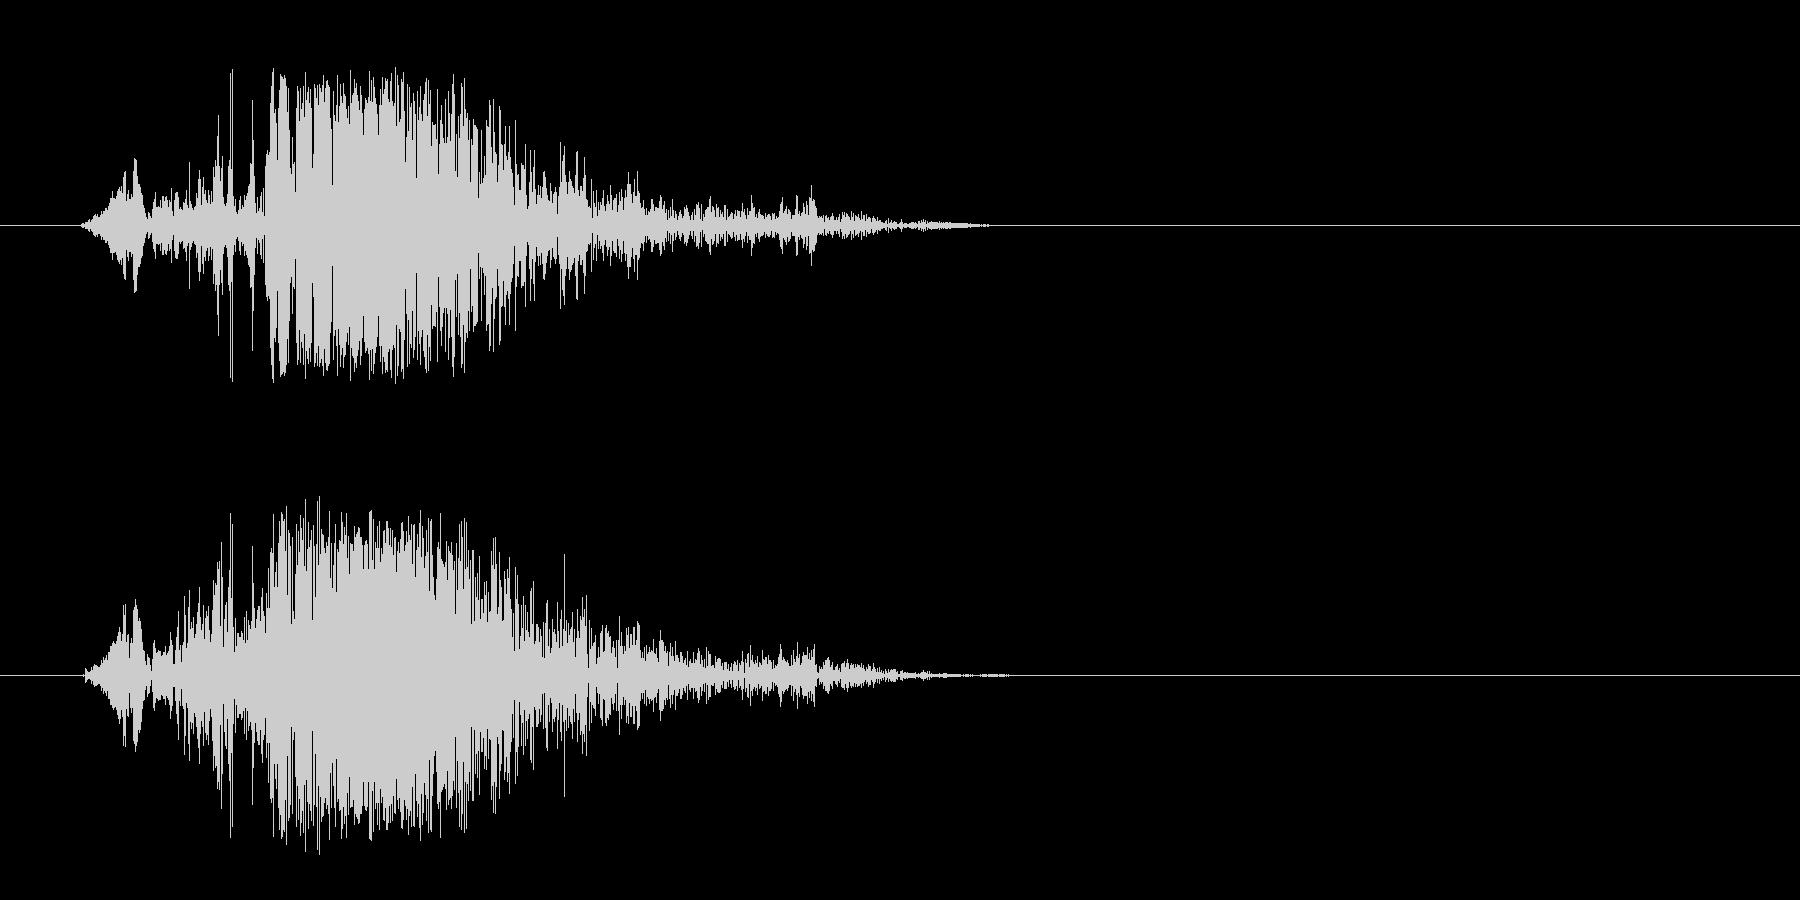 プシュという勢いのよいエアー音の未再生の波形